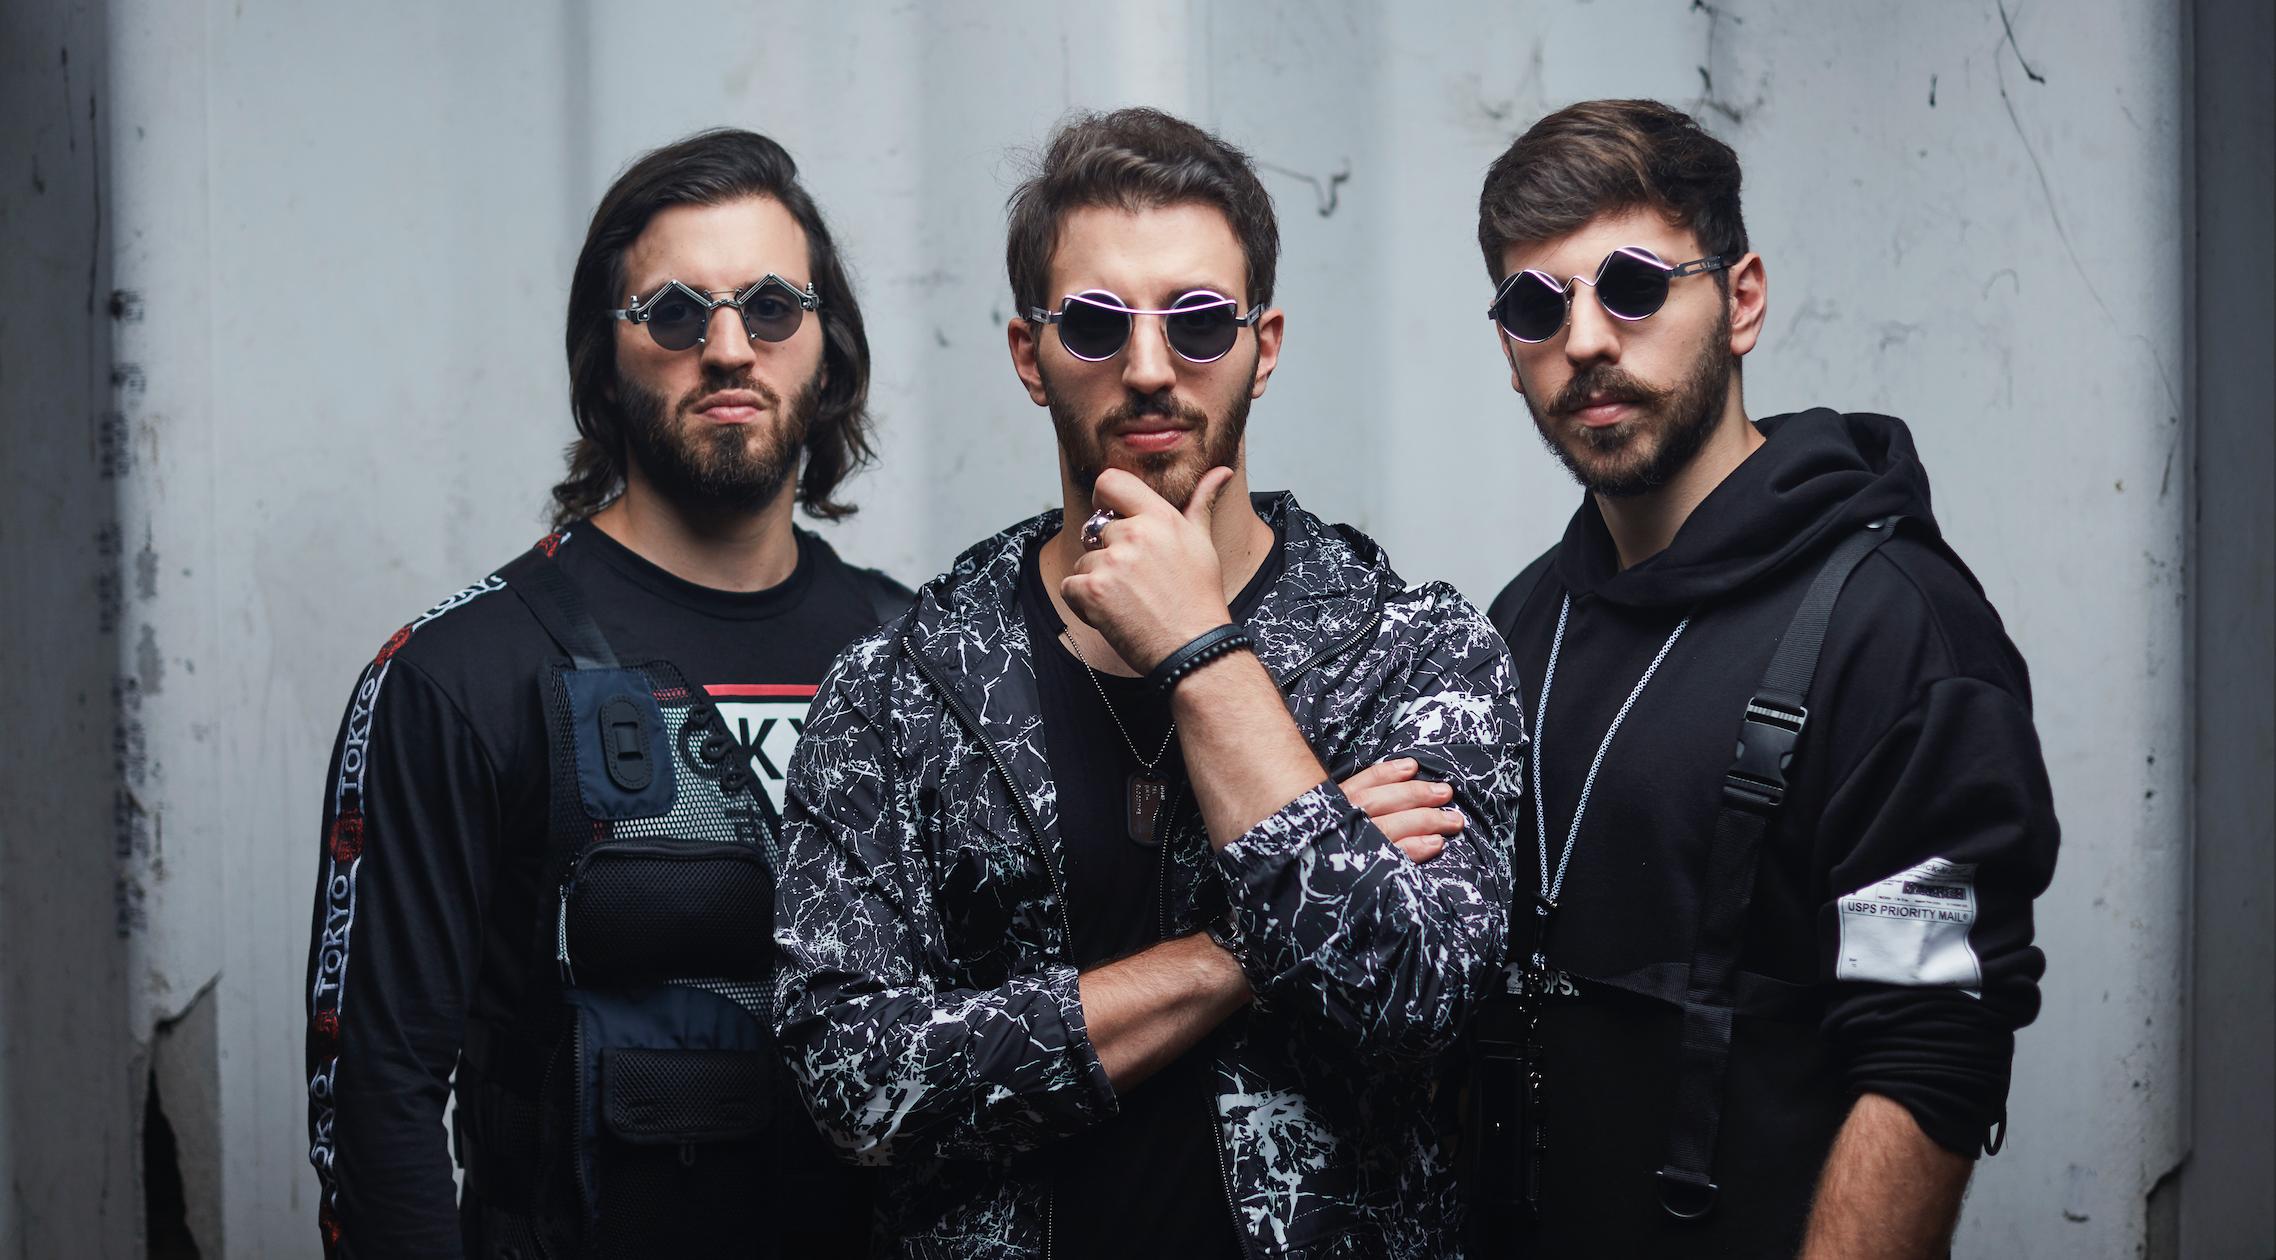 PREMIERE Ouça Castles nova track do trio Audax pela MIXMASH com vocais de Niles Mason